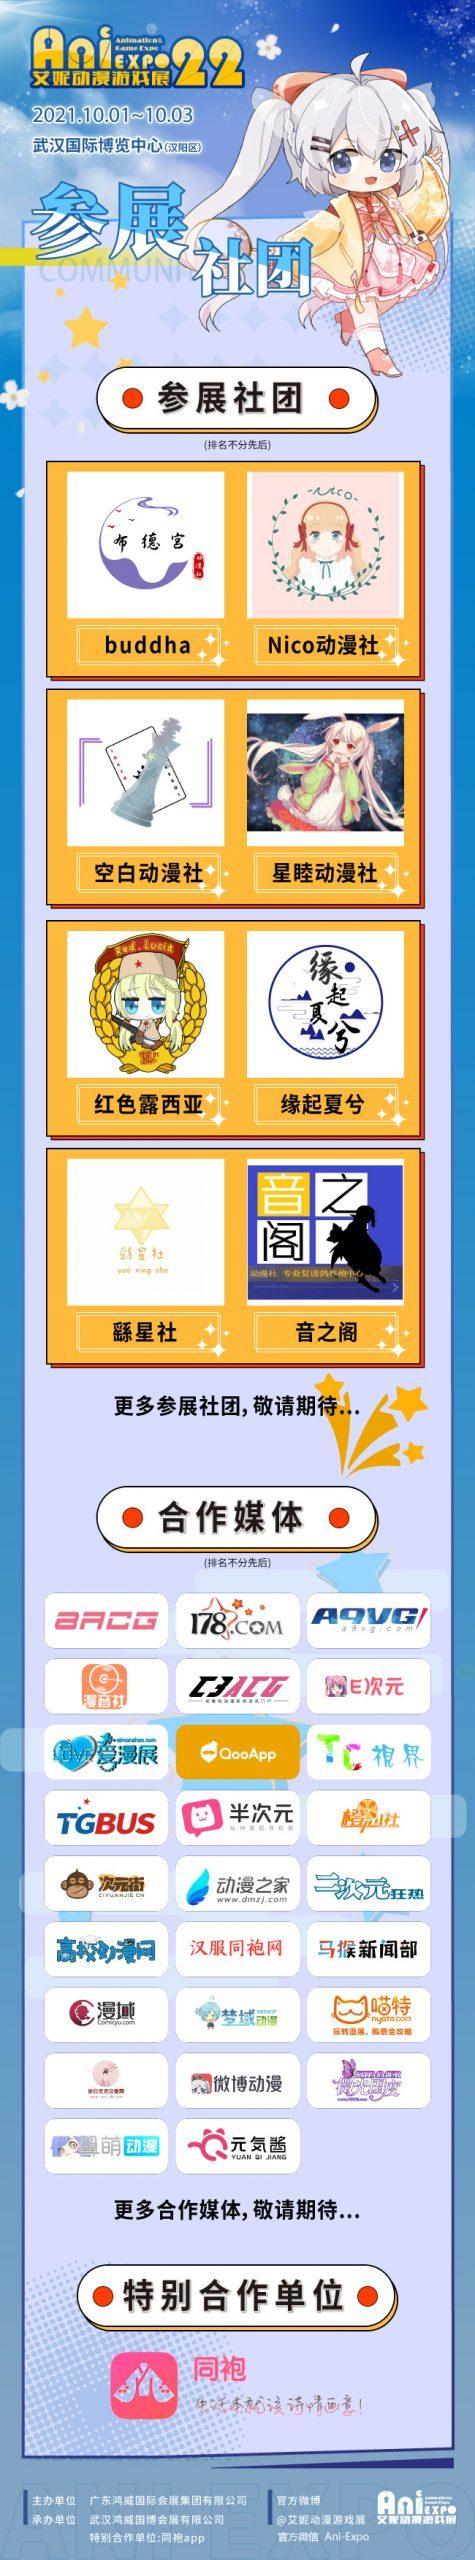 2021十一国庆,嗨在武汉第二十二届艾妮动漫游戏展-C3动漫网